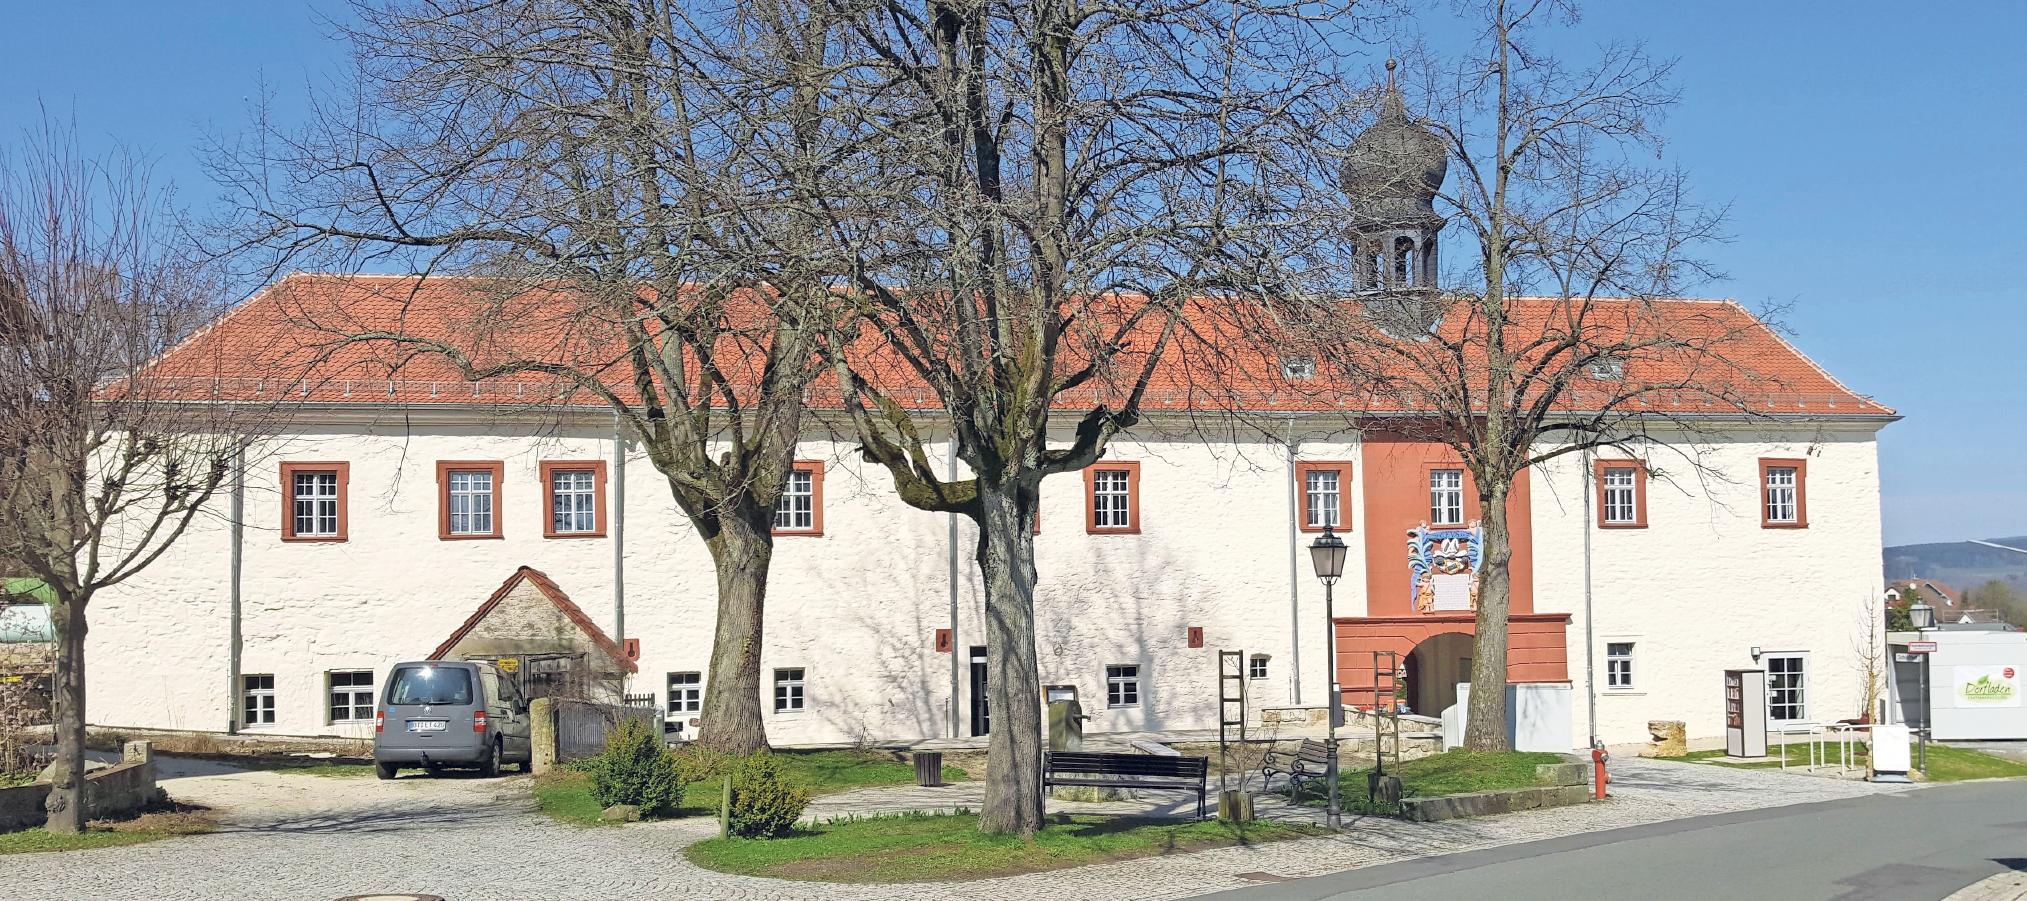 4,3 Millionen Euro wurden in die Sanierung des Emtmannsberger Schlosses investiert. Fotos: Gerald Schreiner